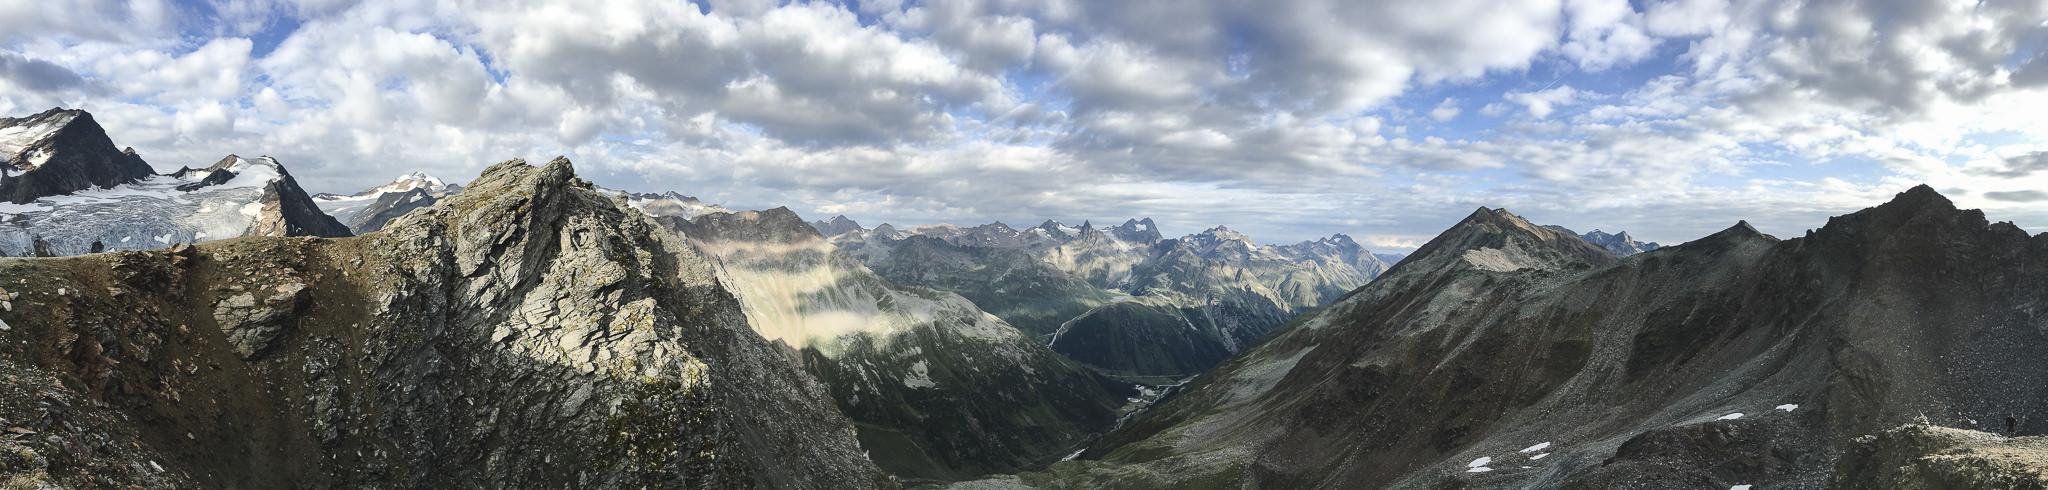 Wandern auf dem E5: Panoramablick oberhalb der Braunschweiger Hütte